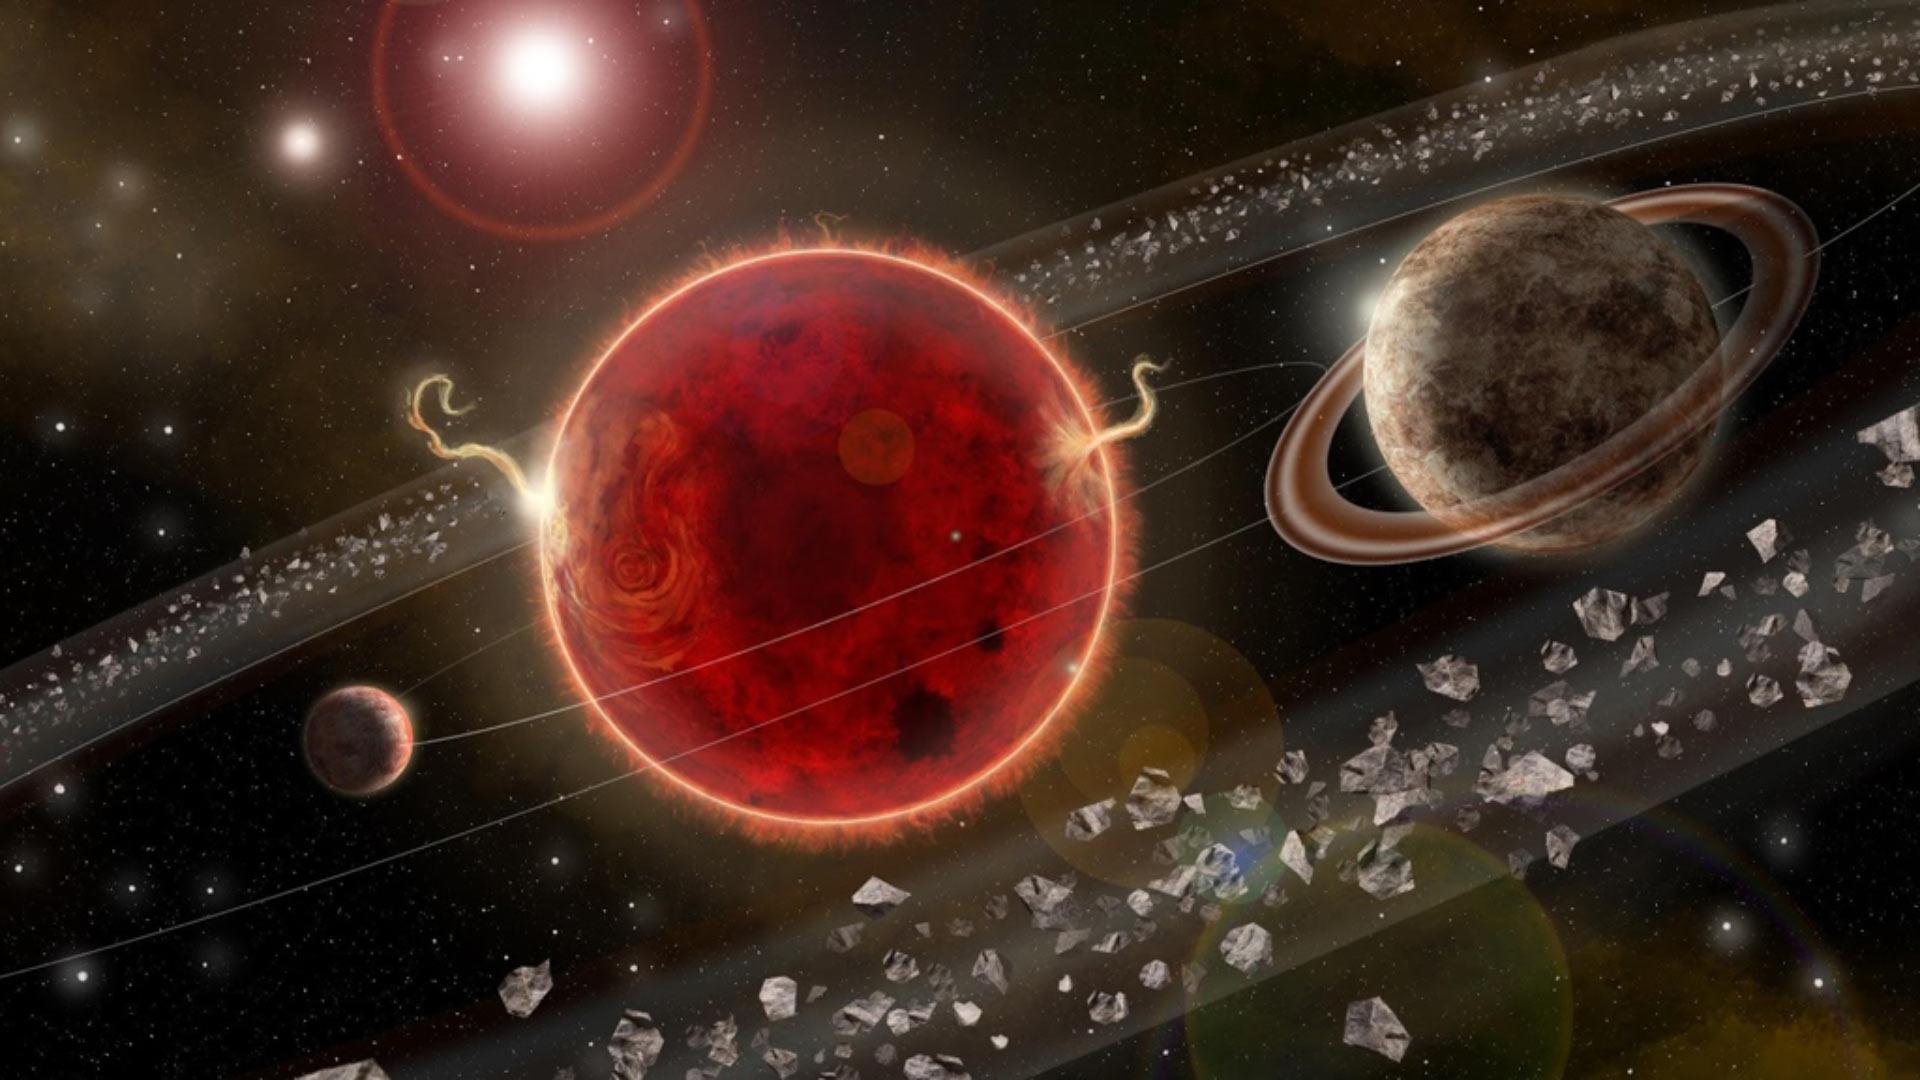 天文学家确认邻居半人马座系统中有两个行星-第2张图片-IT新视野